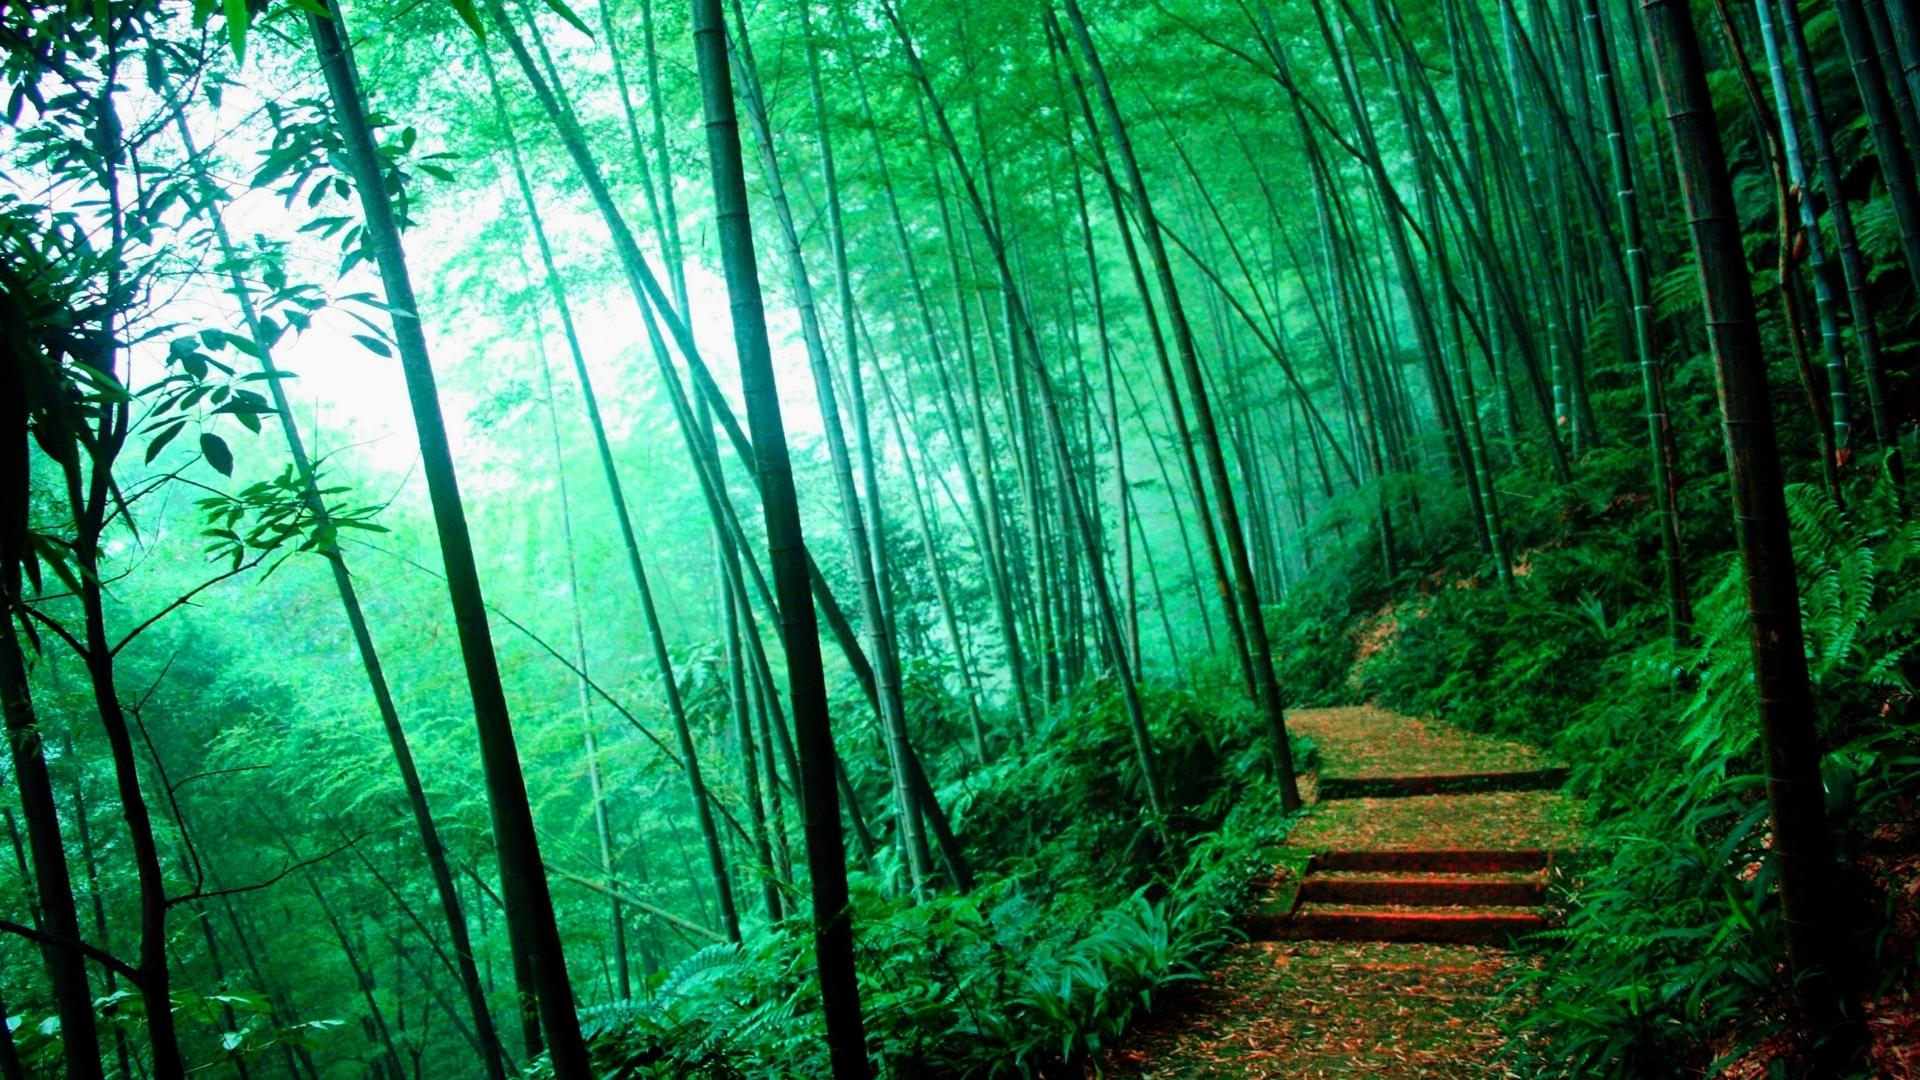 Bamboo - Wallpaper - - Bamboo Forest Wallpaper Hd - HD Wallpaper